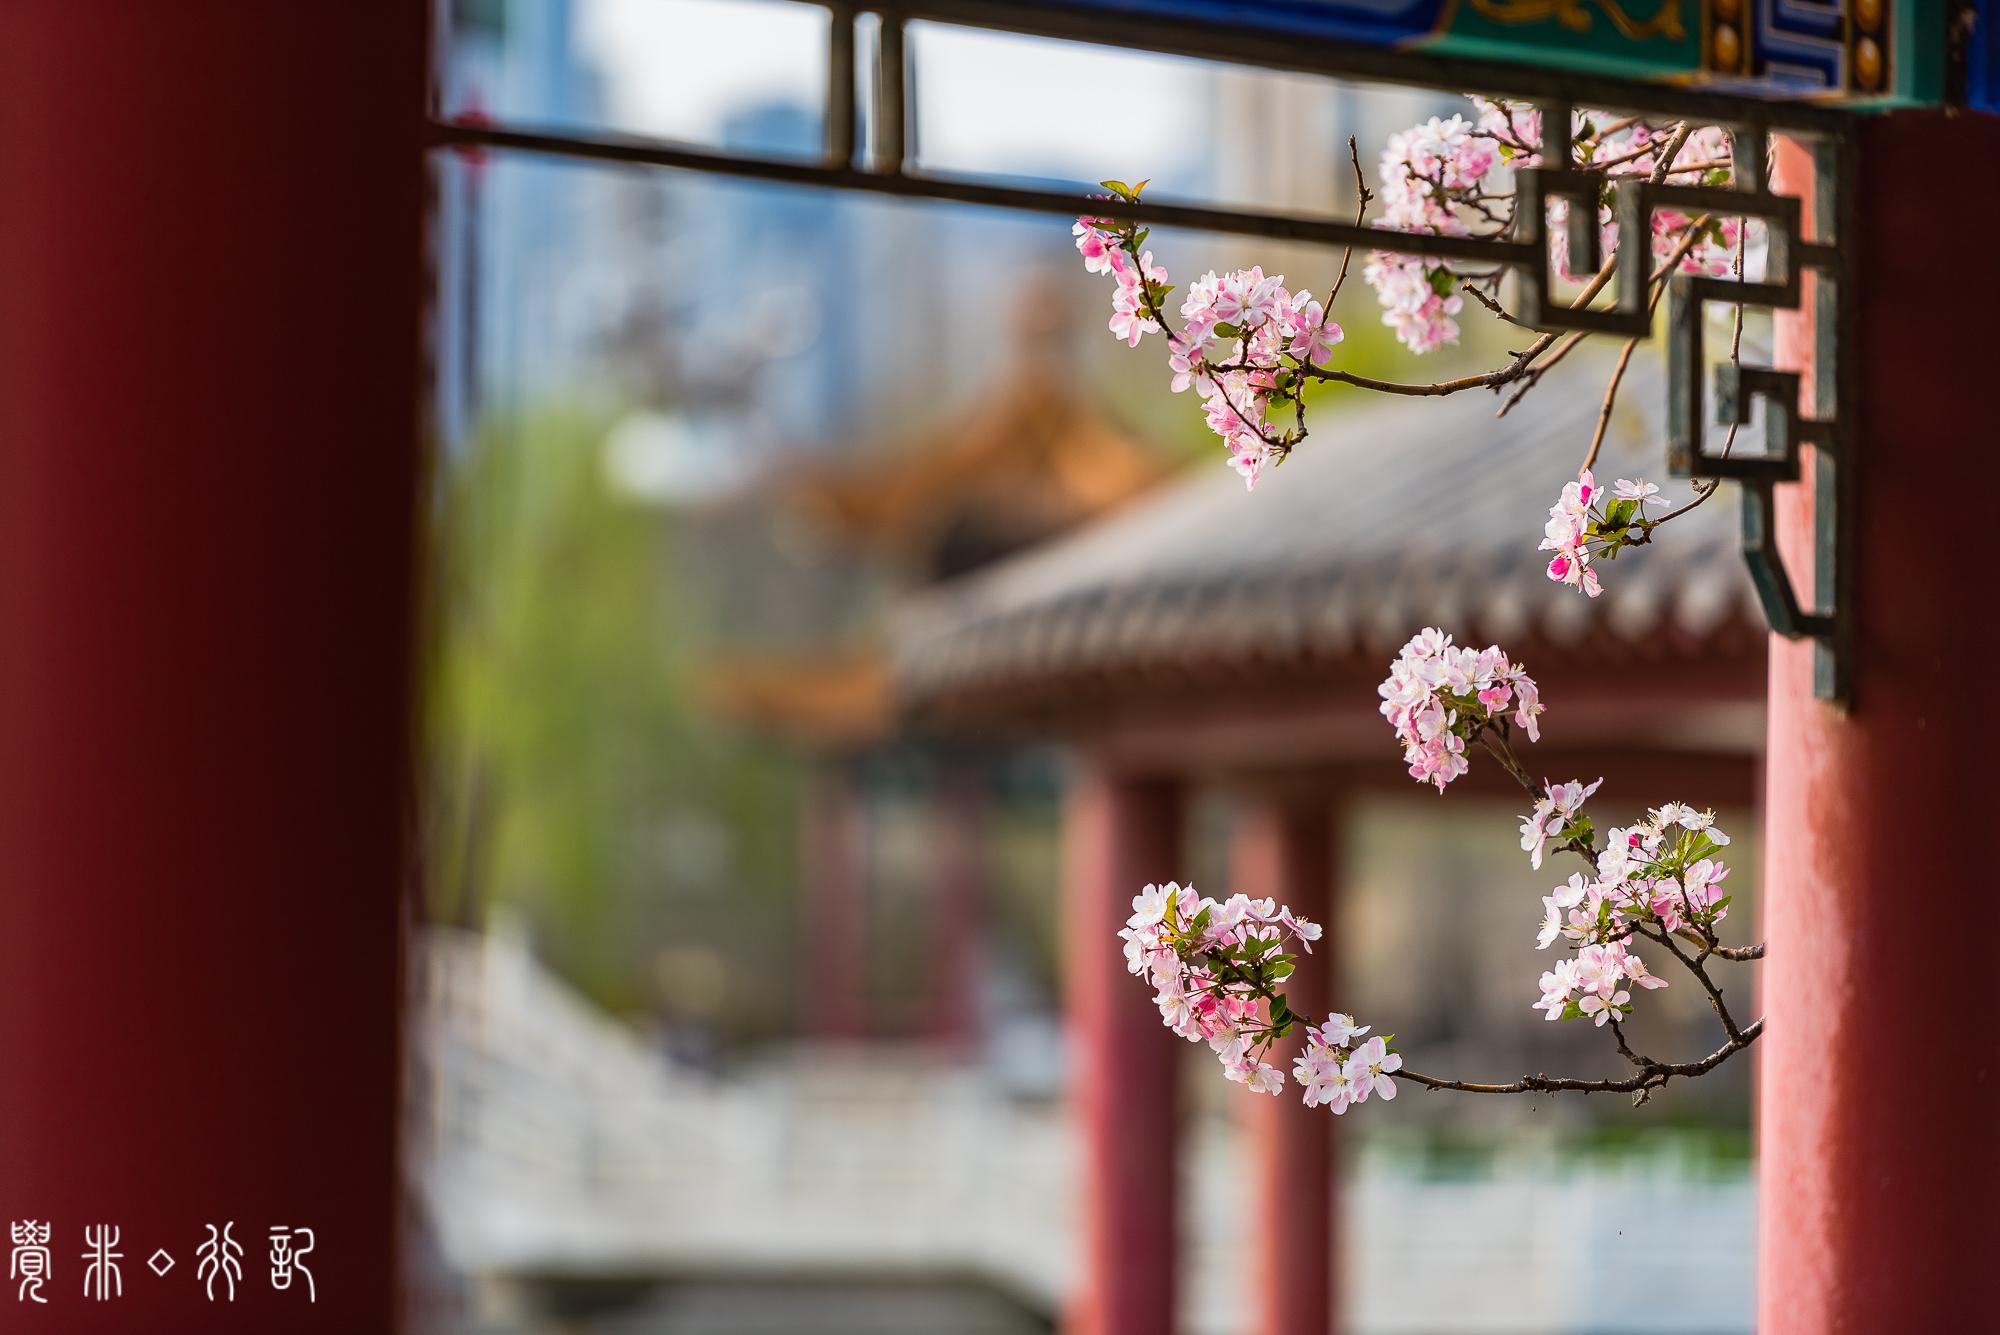 天津成了海棠的世界